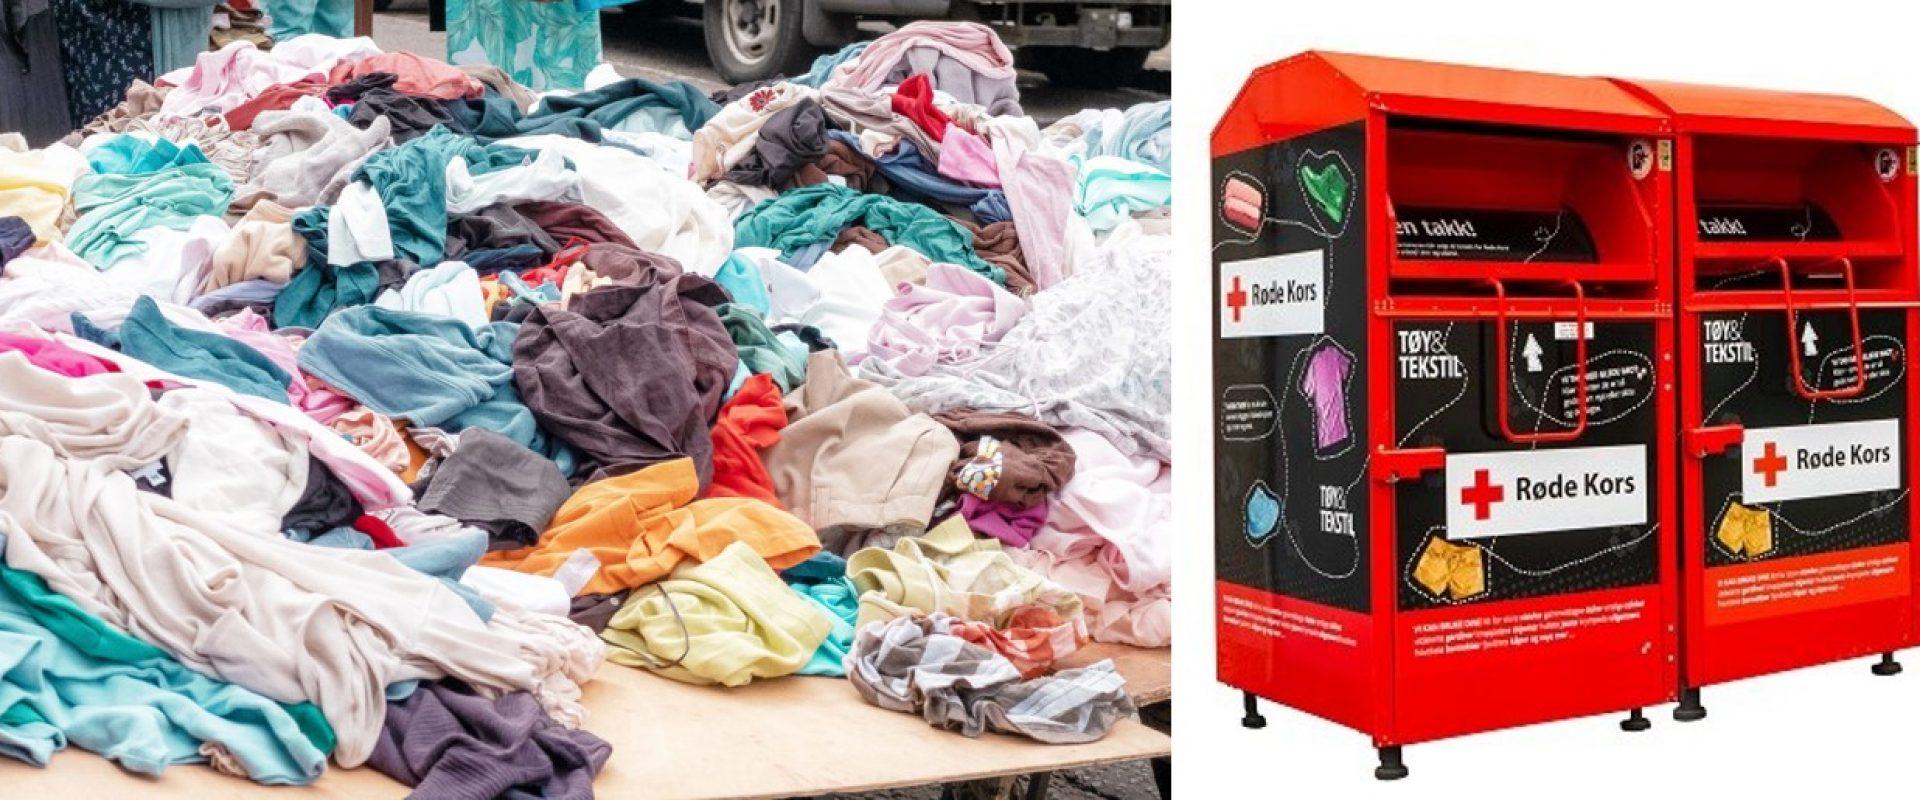 Containere for klær til gjenbruk